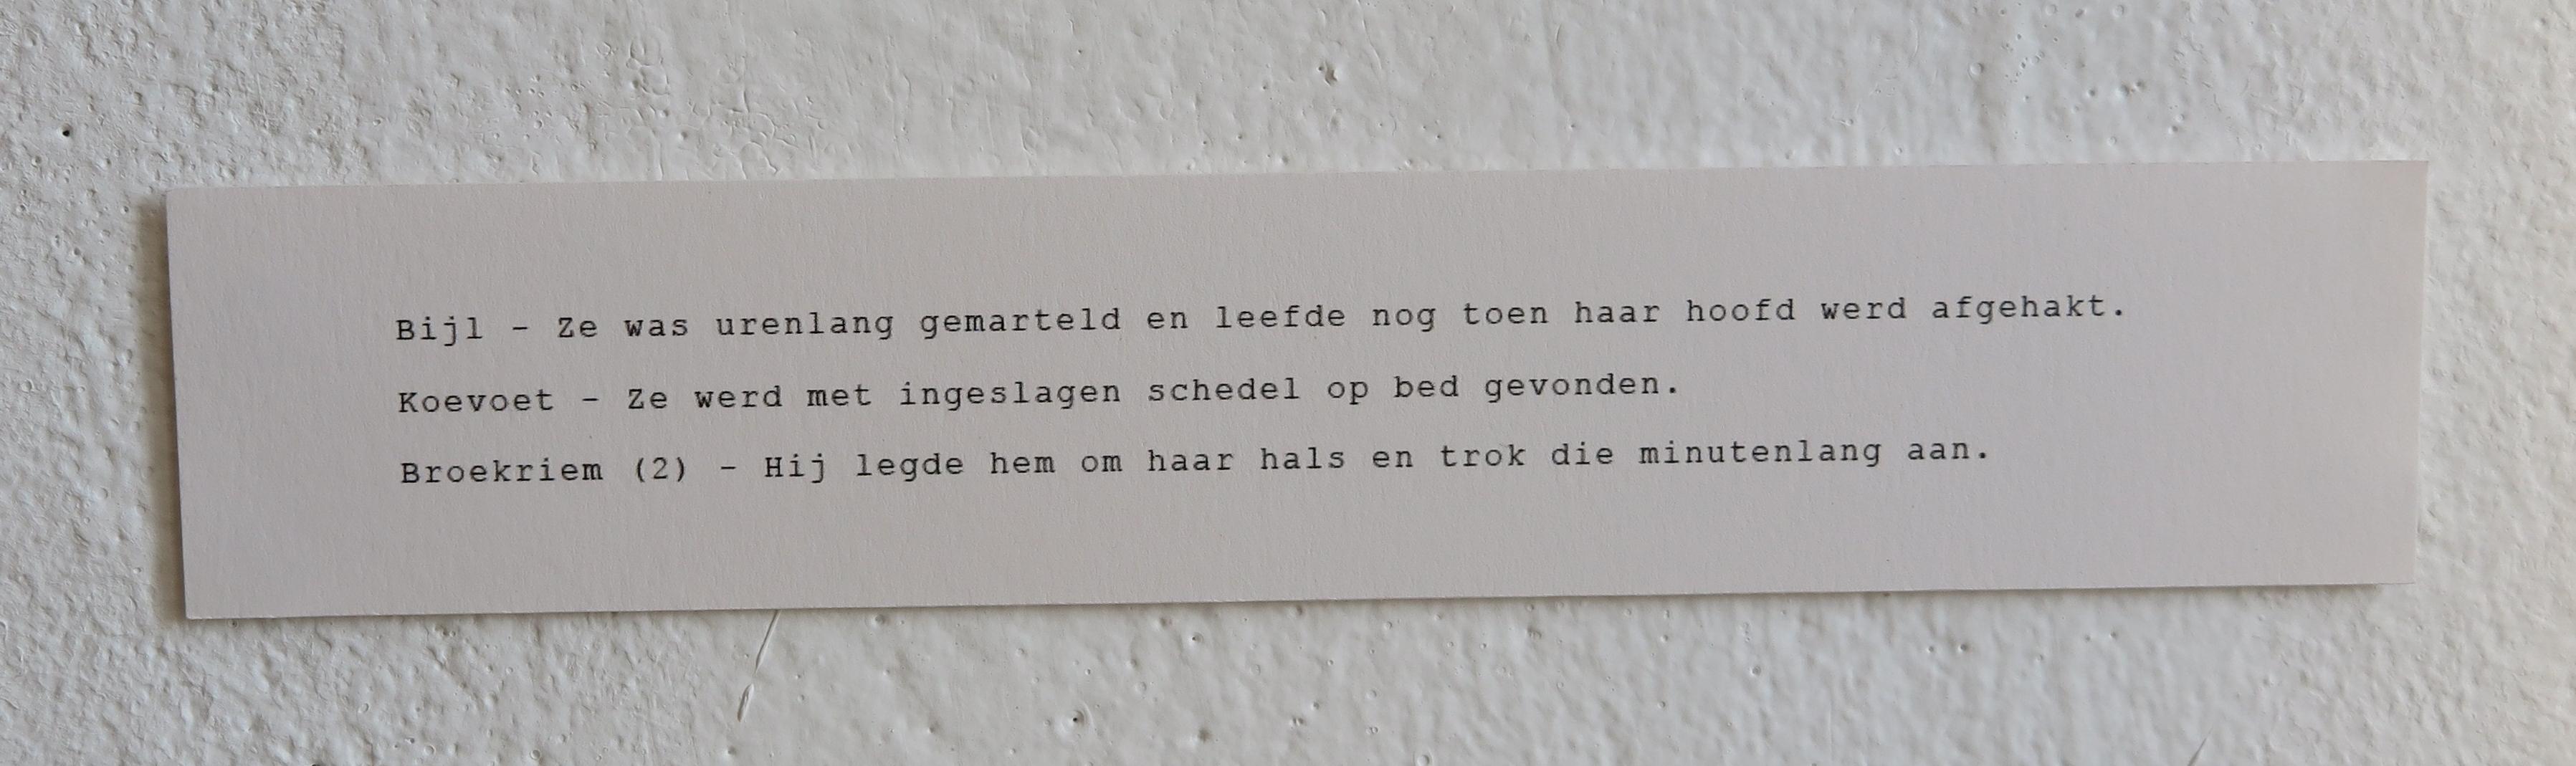 Monica Overdijk - Tekst bij expositie